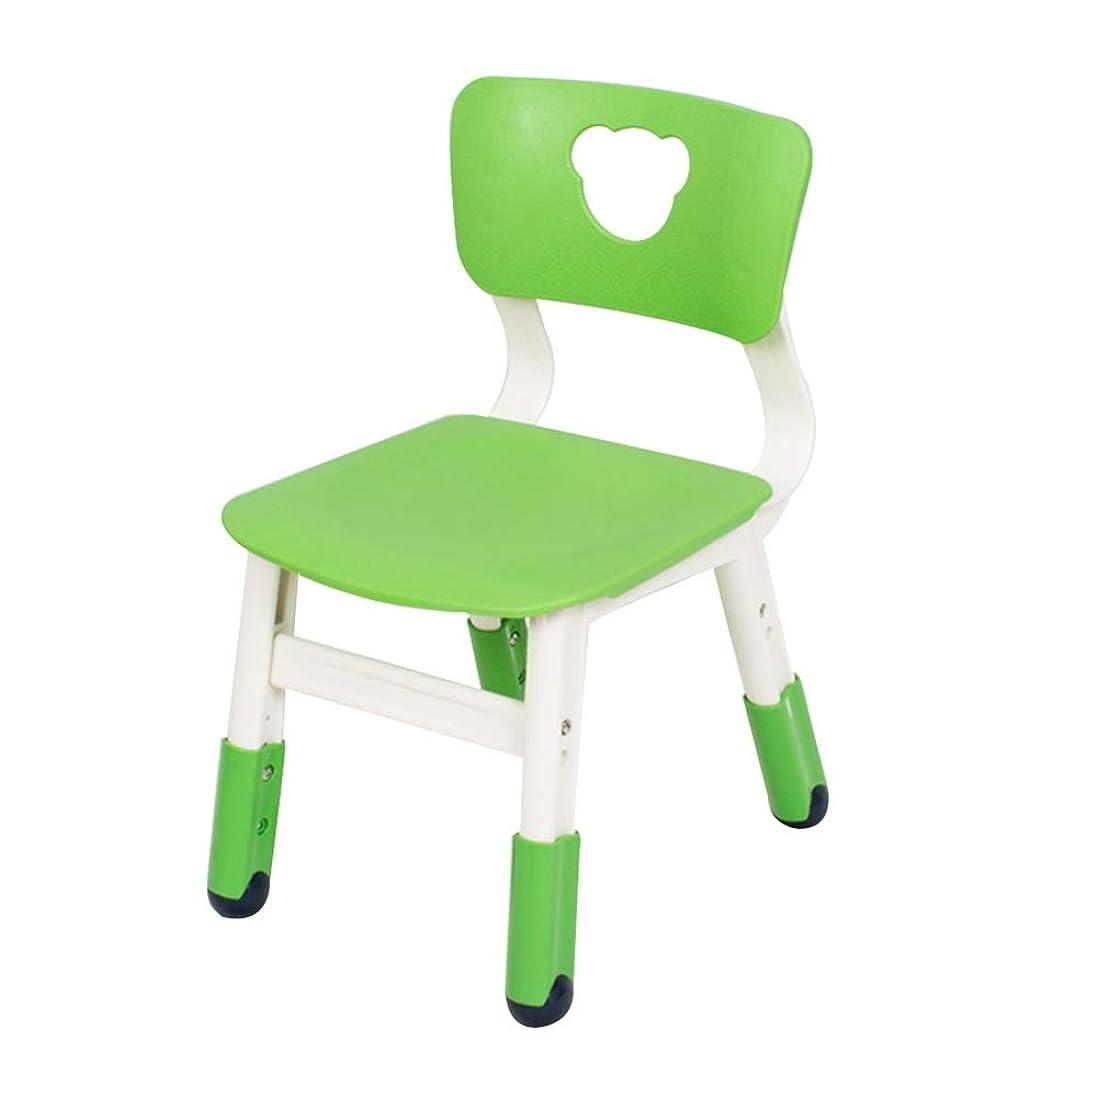 ホテル流星パスポートZHAOHUI キッズテーブルとチェアセット 子 プラスチック テーブルと椅子 幼稚園 寝室 学ぶ ゲーム 調節可能な高さ、 70キロをロード (Color : S)